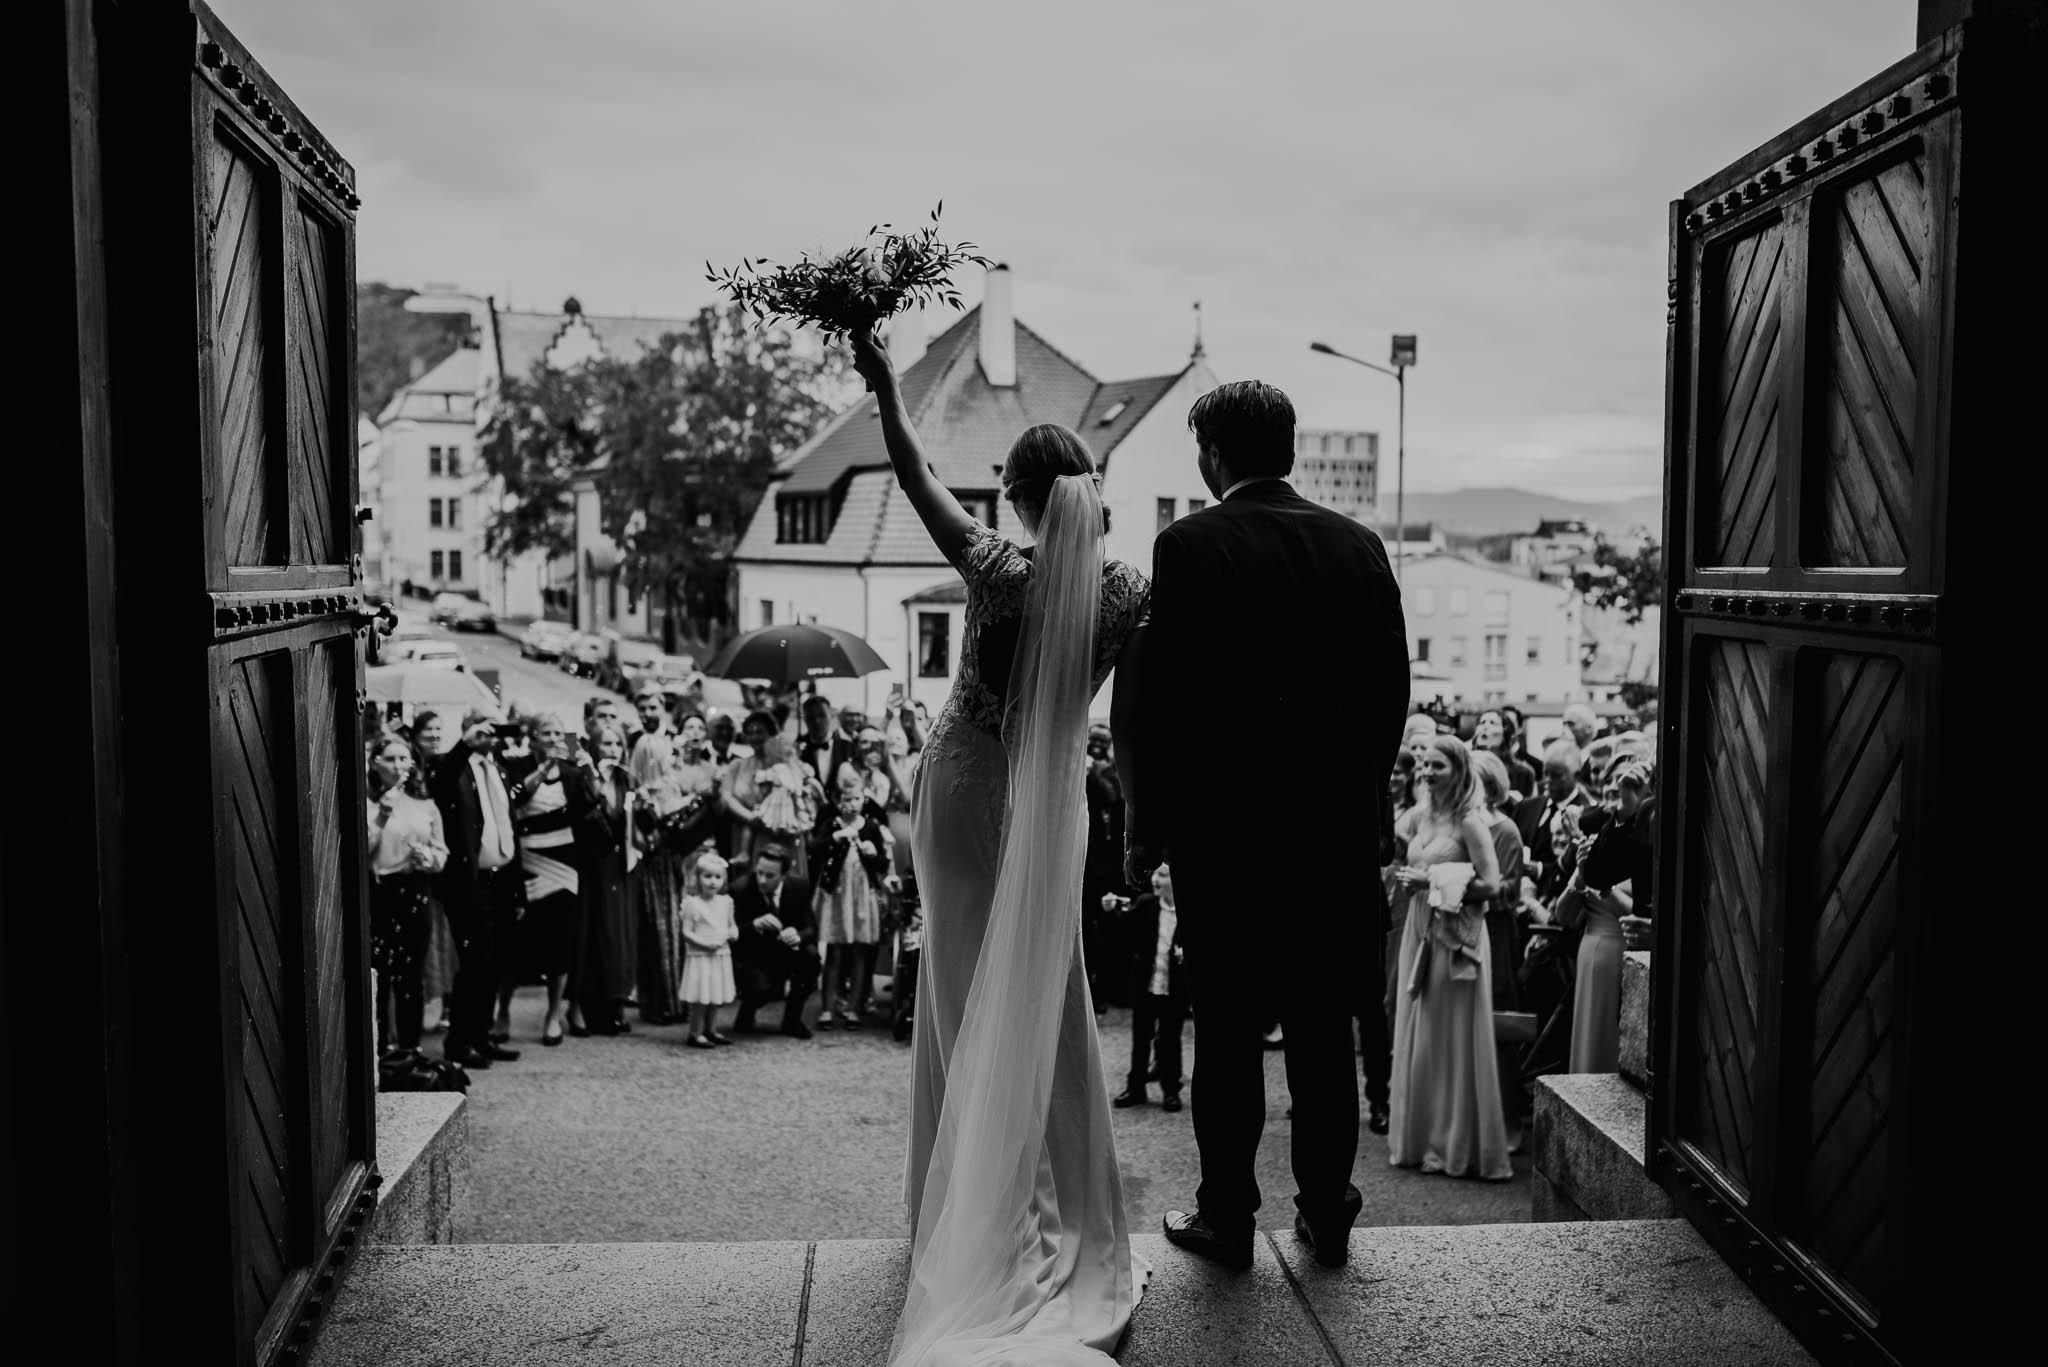 Bryllupsfotograf i Drammen - bryllup i Ålesund - Øygardshallen bryllup-55.jpg